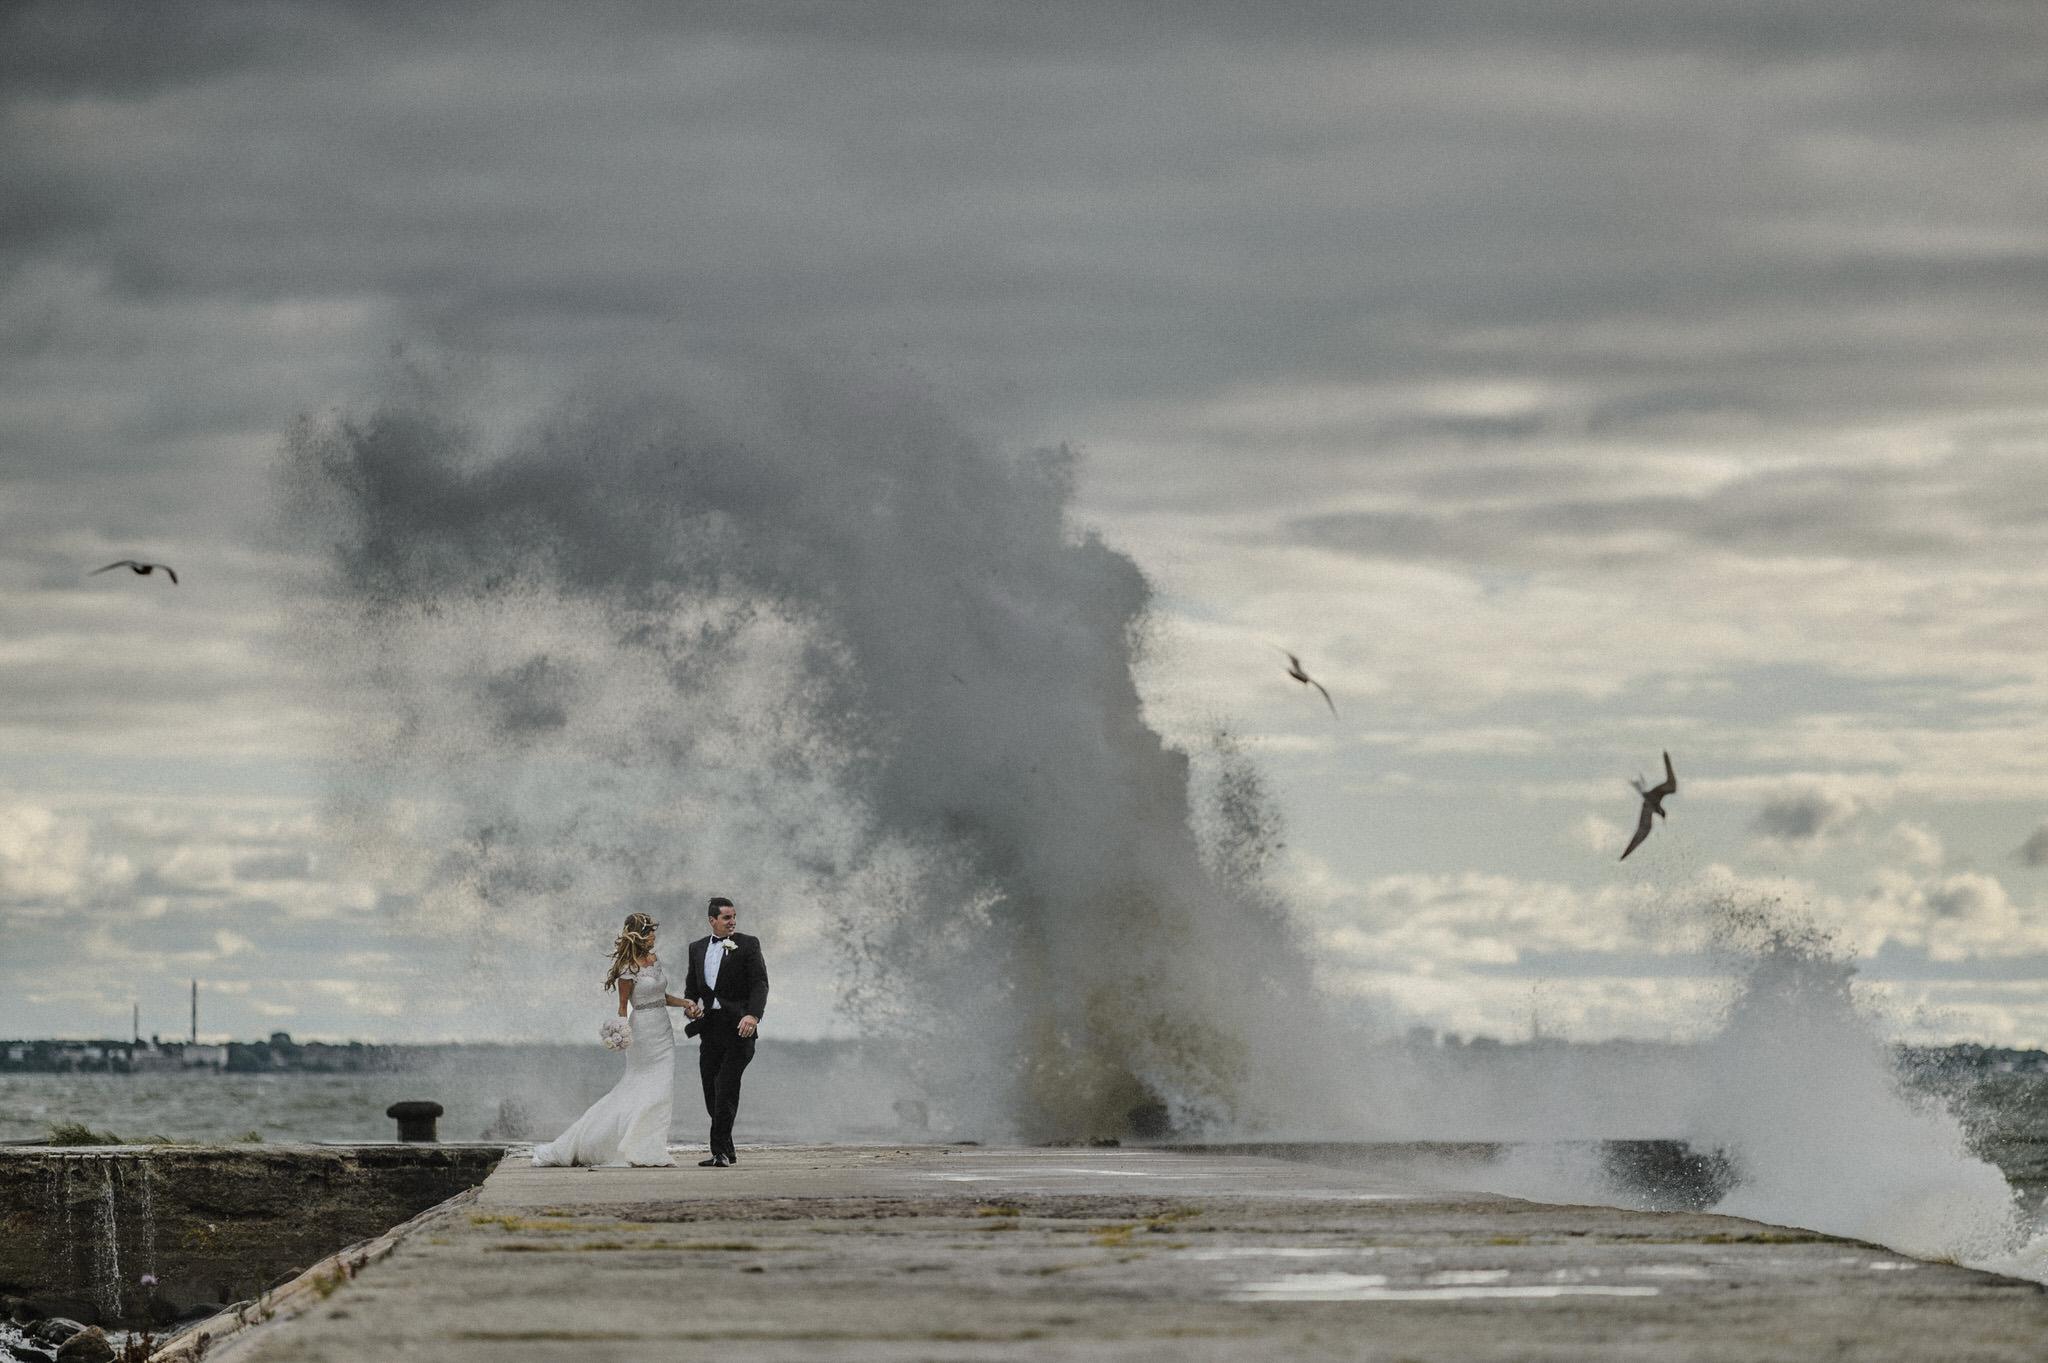 Pruut ja peigmees Tallinnas Pirita teel muuli peal tormisel päeval 10 parimat nõuannet pulmadeks